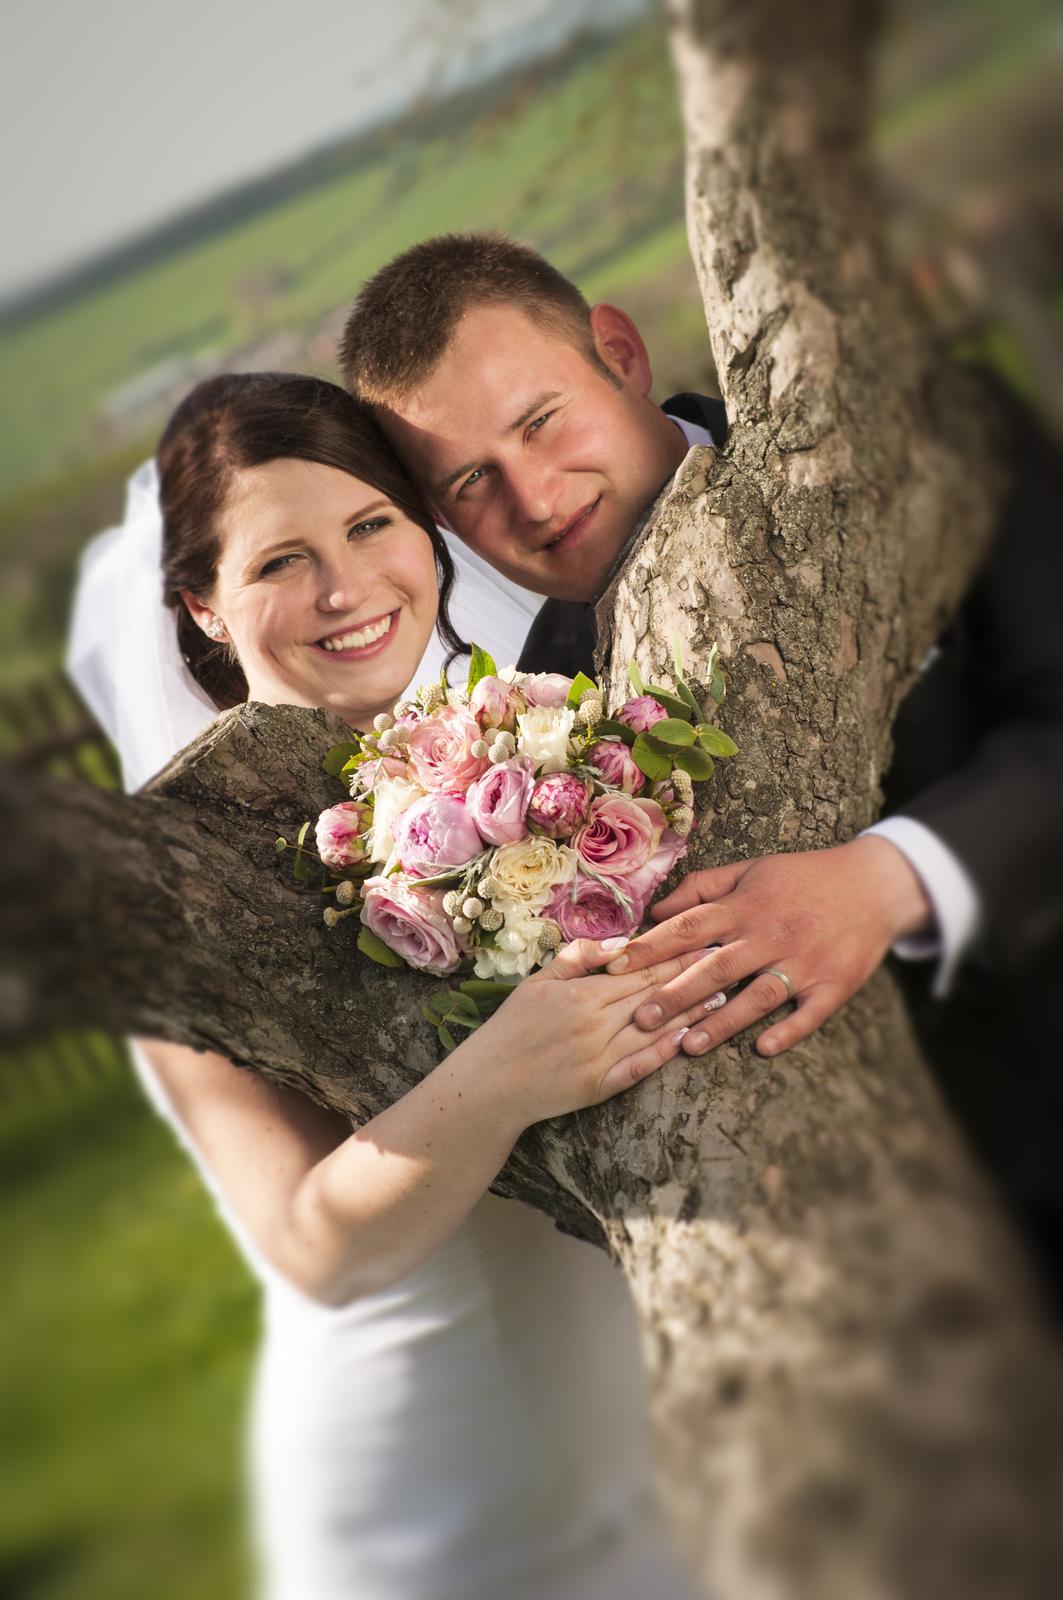 20. kvě 2015 v 10 48 • Svatba byla v dubnu 2015 • Odpověz • To se mi líbí • 55e45a1a13